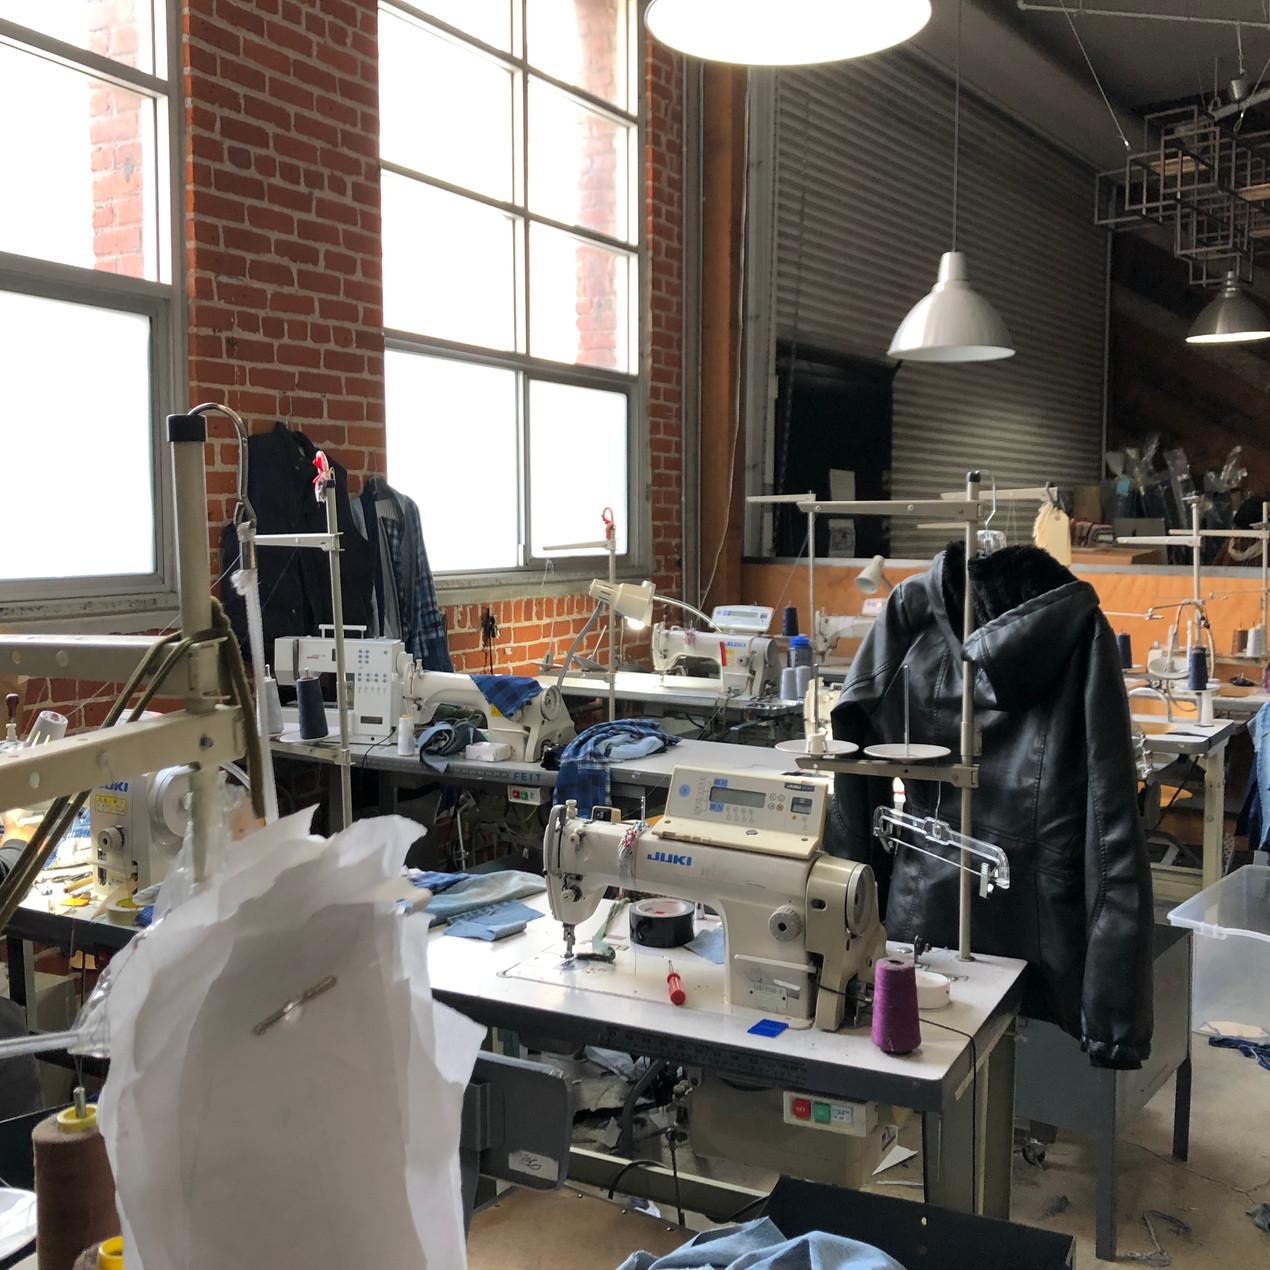 Sample room at a manufacturer